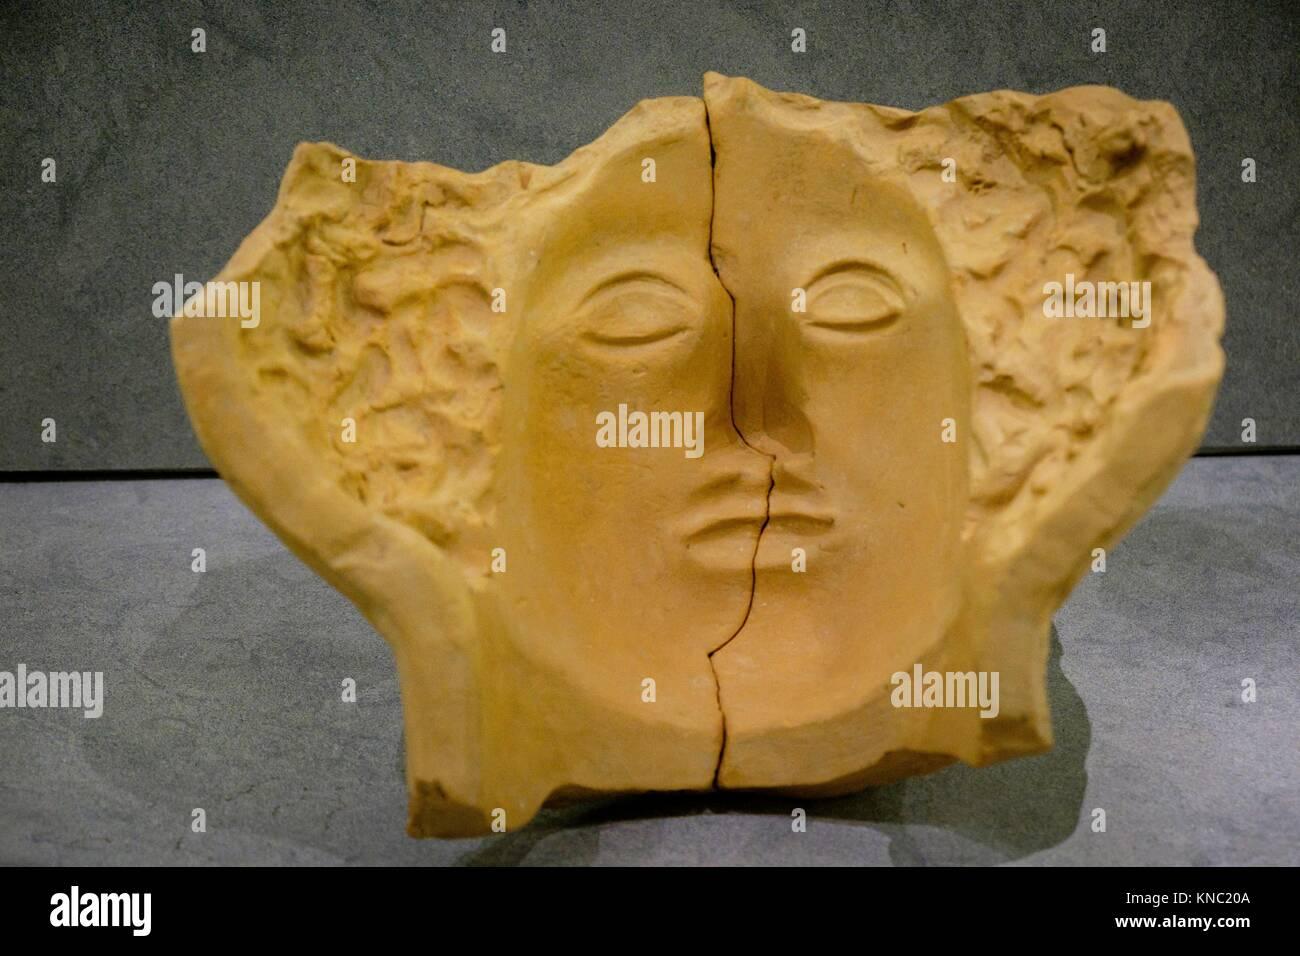 moldes y estampillas de alfarero, 425-100 b.C., Ibiza and Formentera Archeological Museum, Patrimonio de la Humanidad - Stock Image